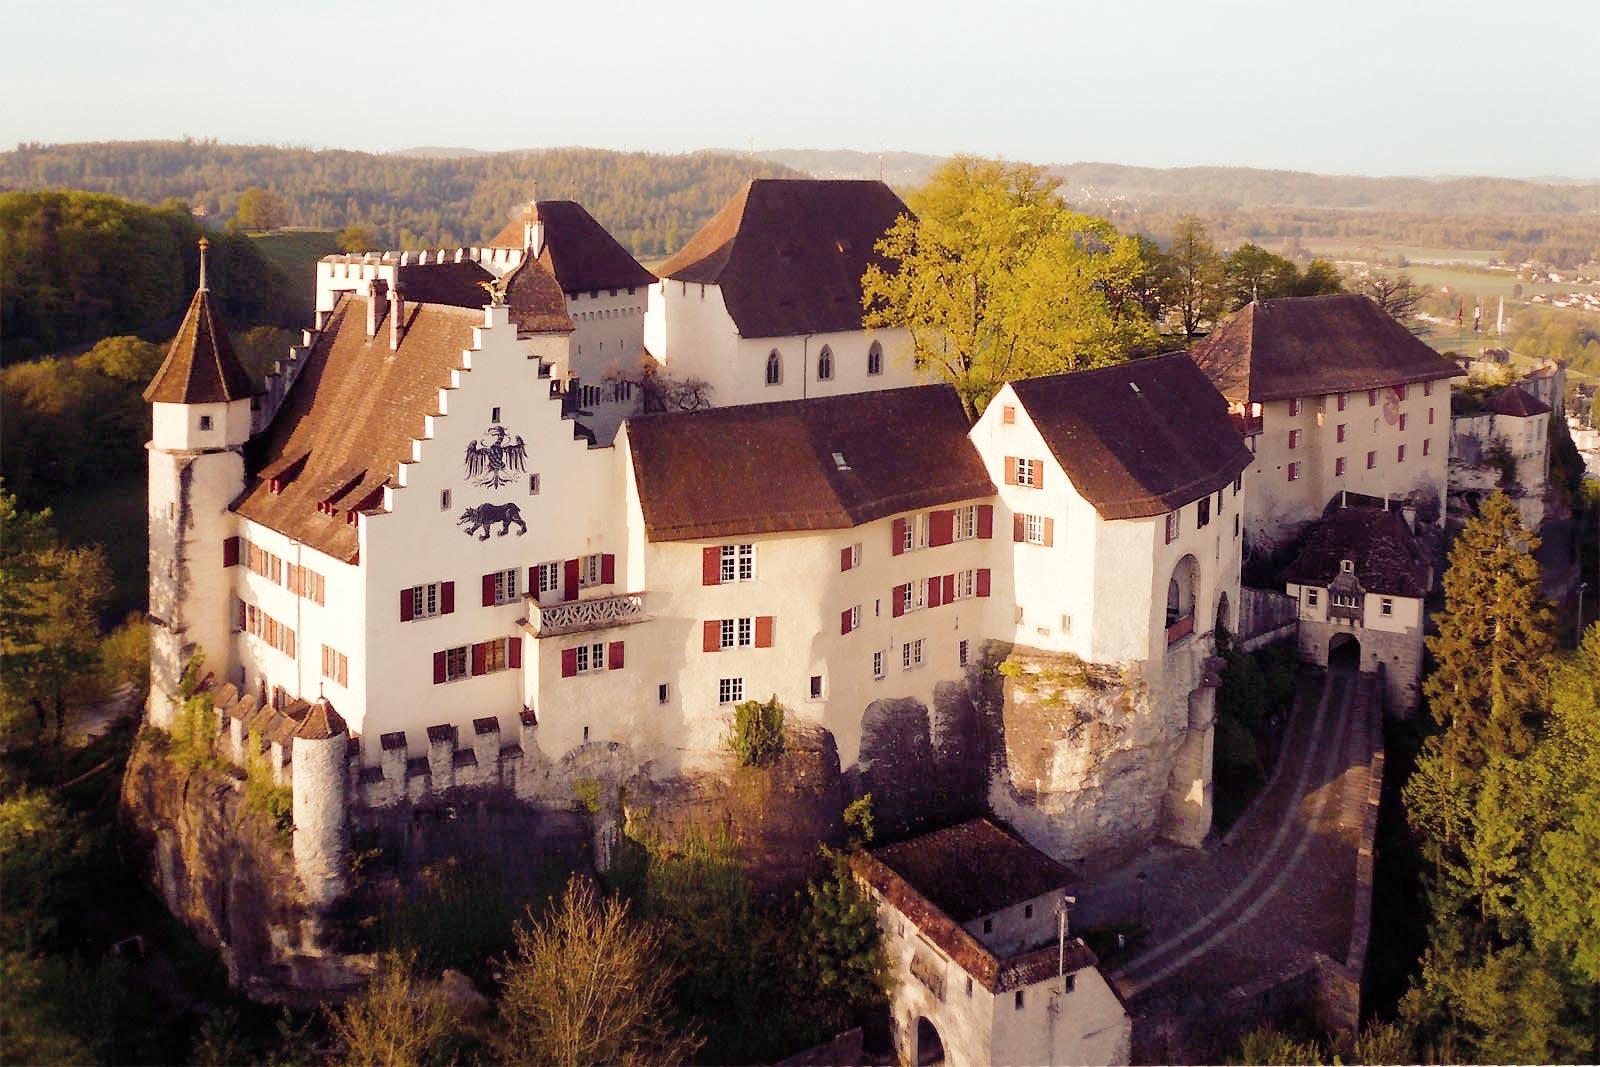 Home-Schloss-Lenzburg-rays-bright-clear